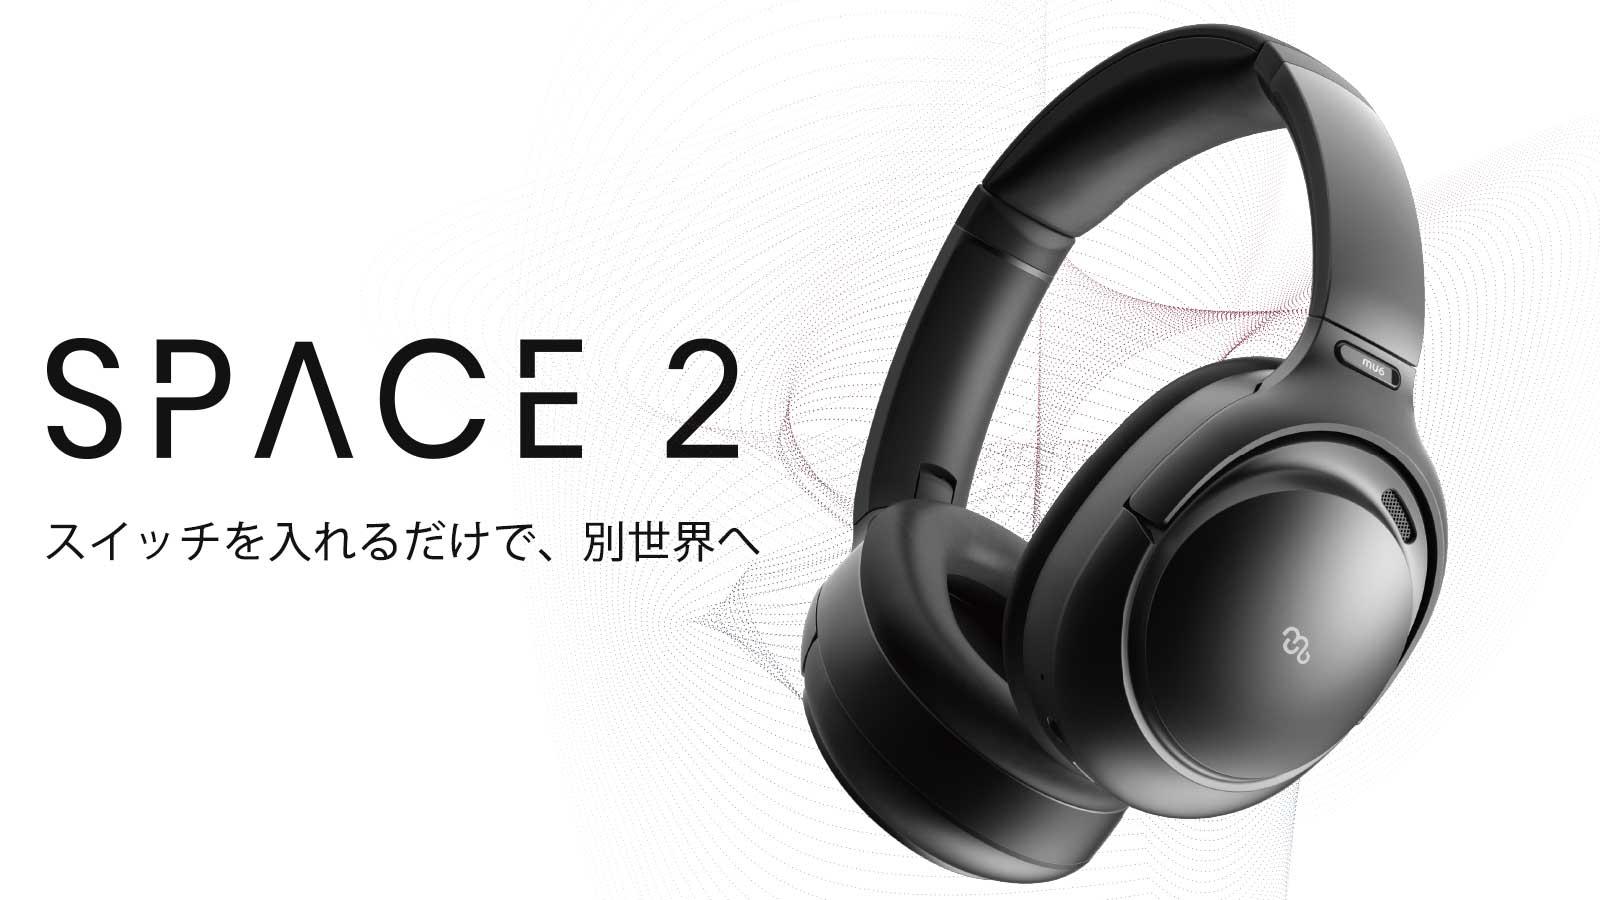 【Mu6 Space2レビュー】Makuake価格16,200円~の衝撃コスパ!!ハイエンド機に迫るノイズキャンセリング搭載のBluetoothヘッドホン|製品の公式画像